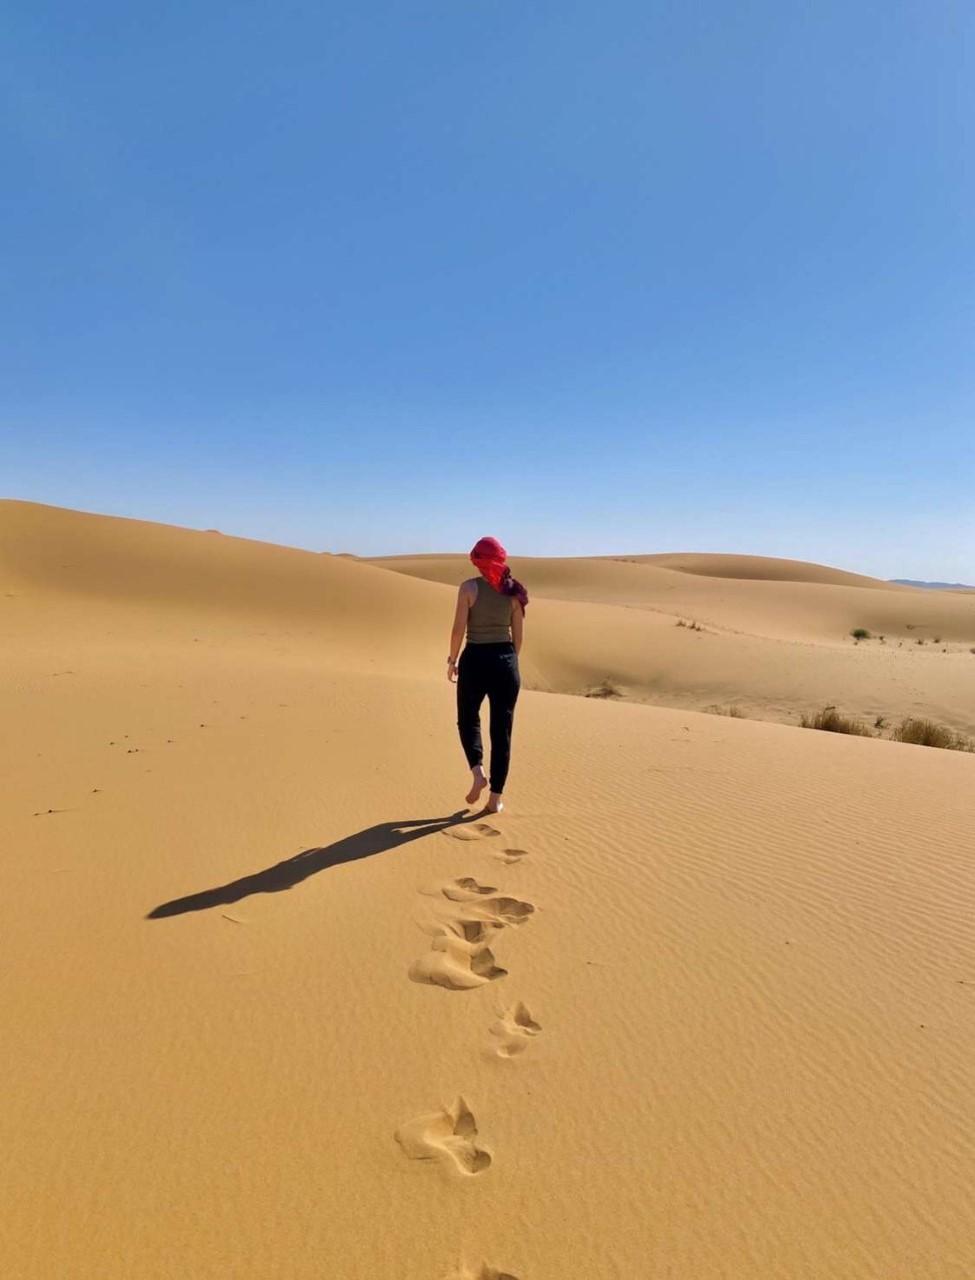 Mackenzie Mahoney in the desert